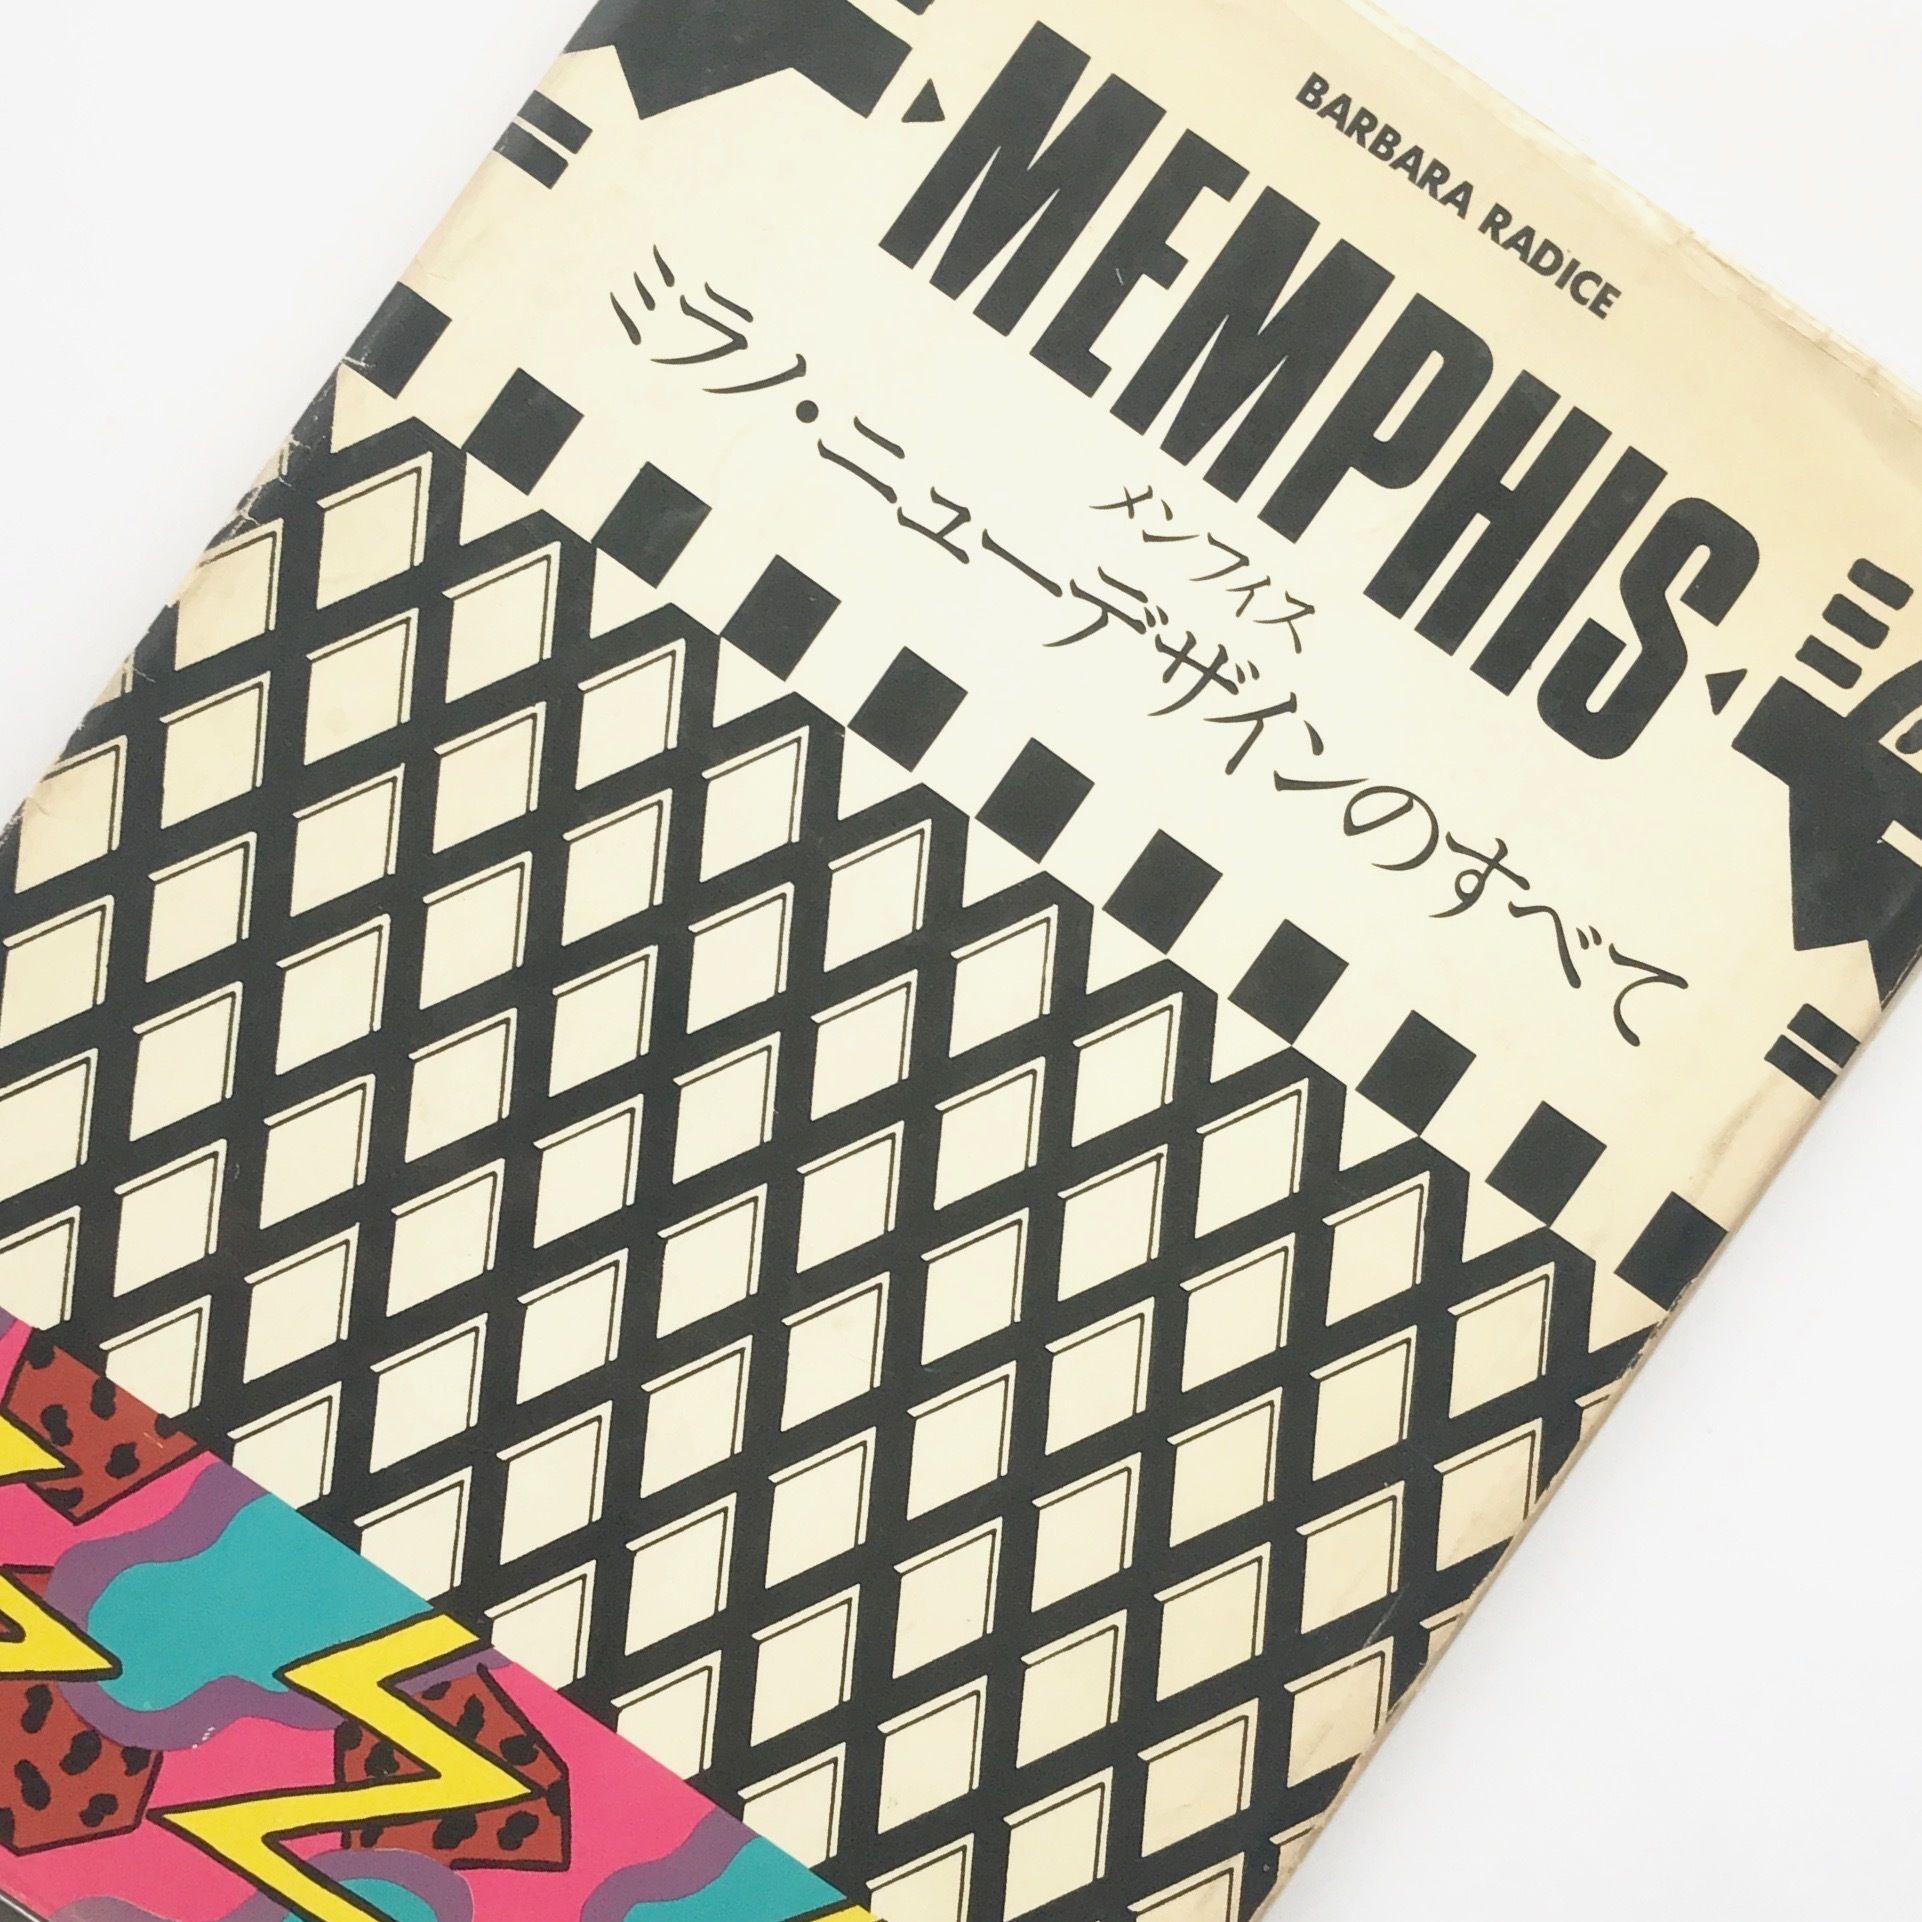 Title/ 商店建築・増刊 メンフィス ミラノ・ニューデザインのすべて Author/ バーバラ・ラディス